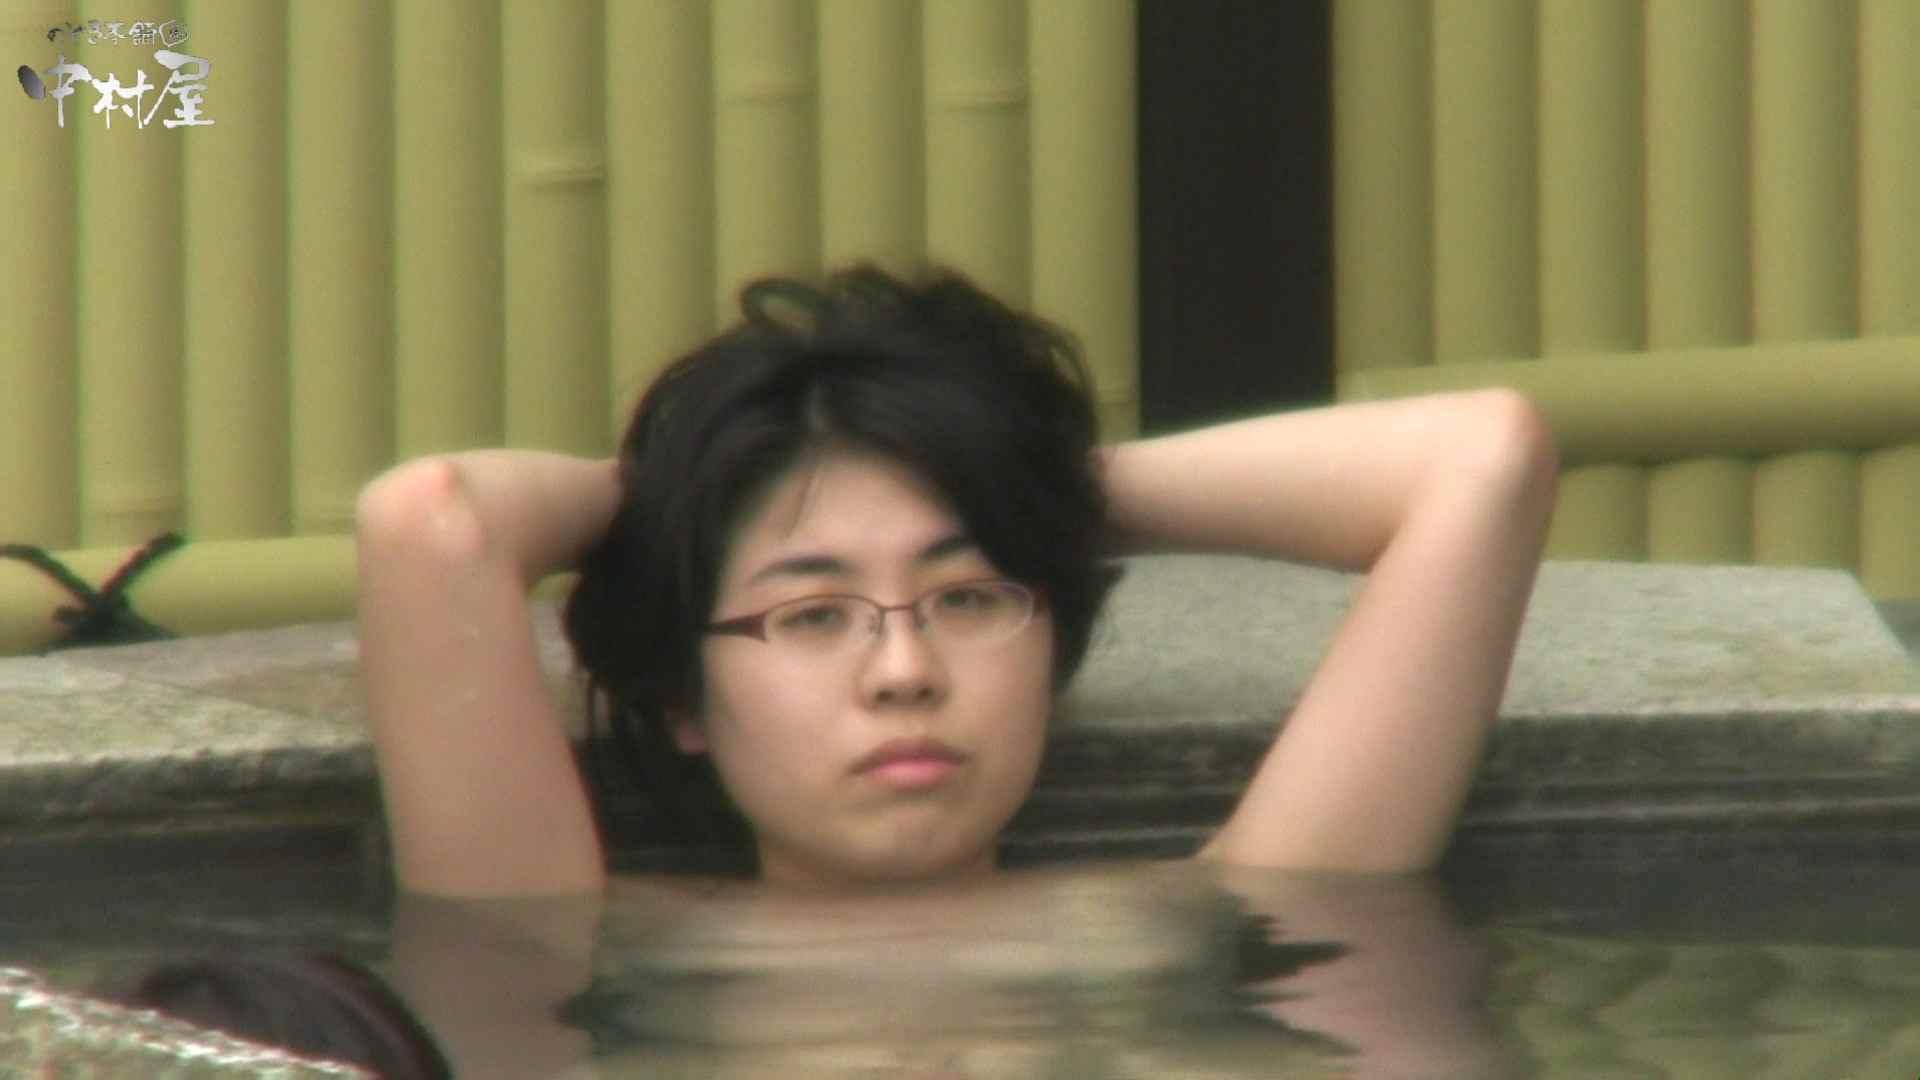 Aquaな露天風呂Vol.947 OLハメ撮り  61Pix 52